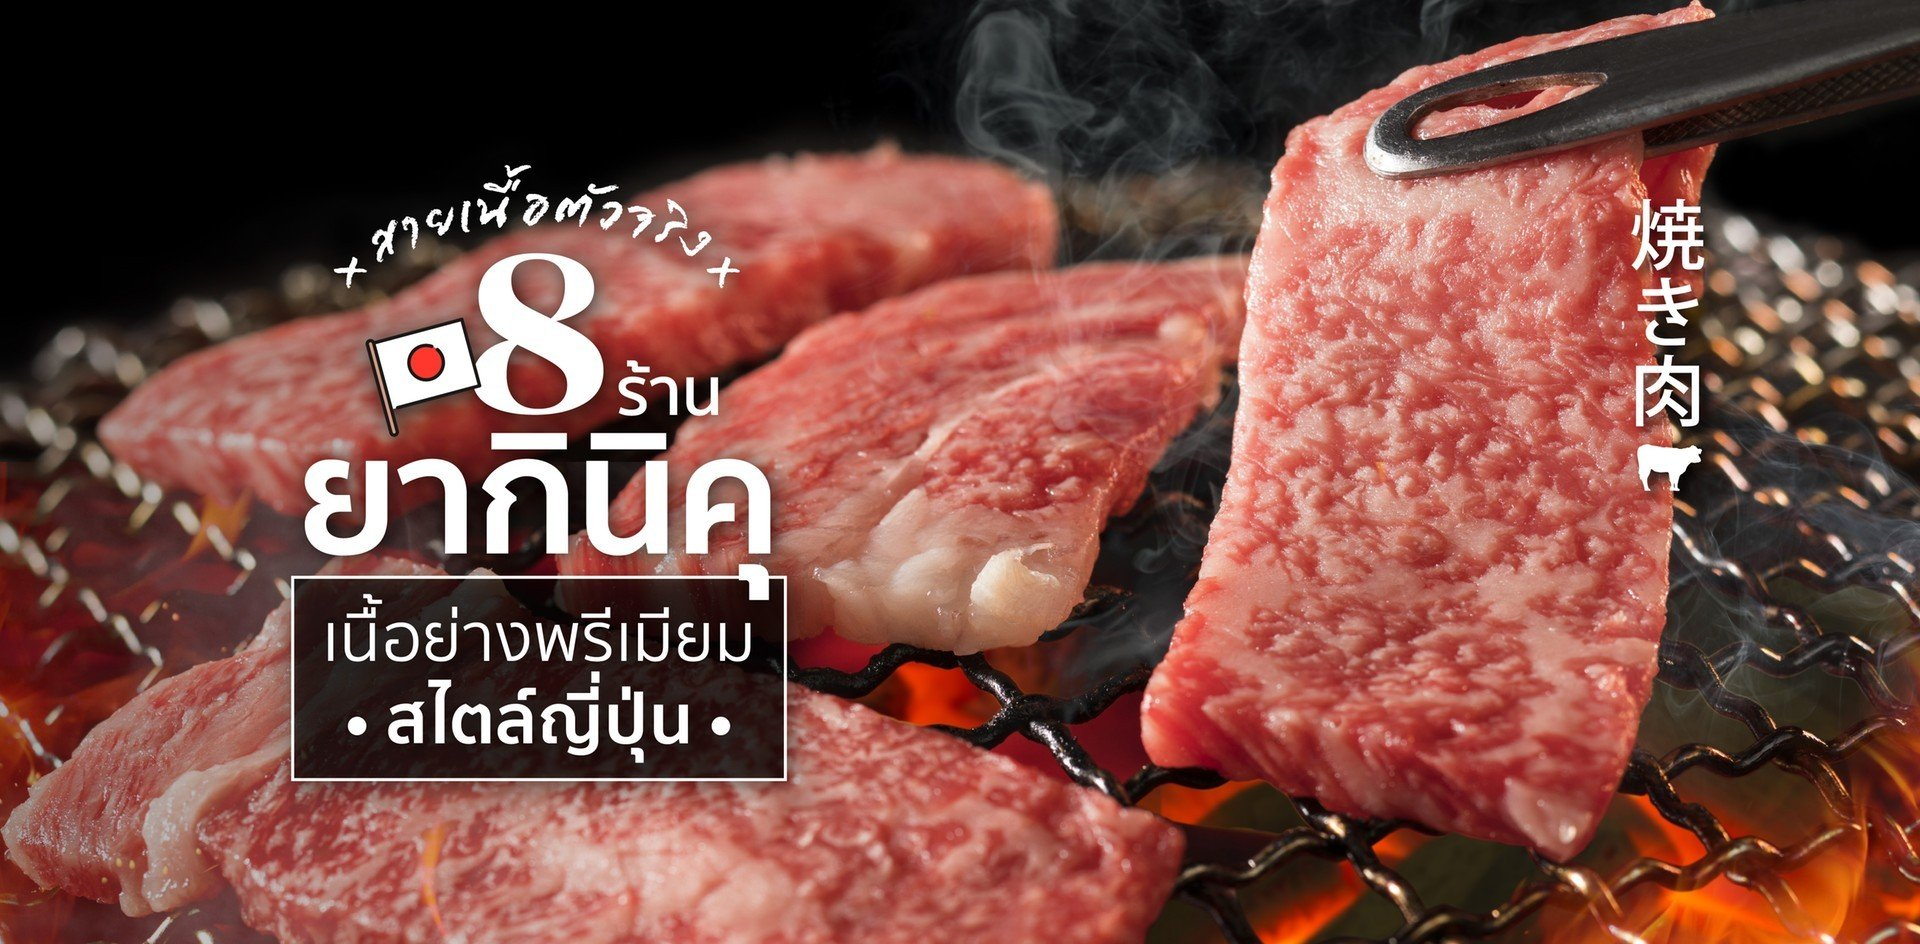 8 ร้านยากินิคุ เนื้อย่างพรีเมียมสไตล์ญี่ปุ่น สายเนื้อตัวจริงต้องมาโดน!